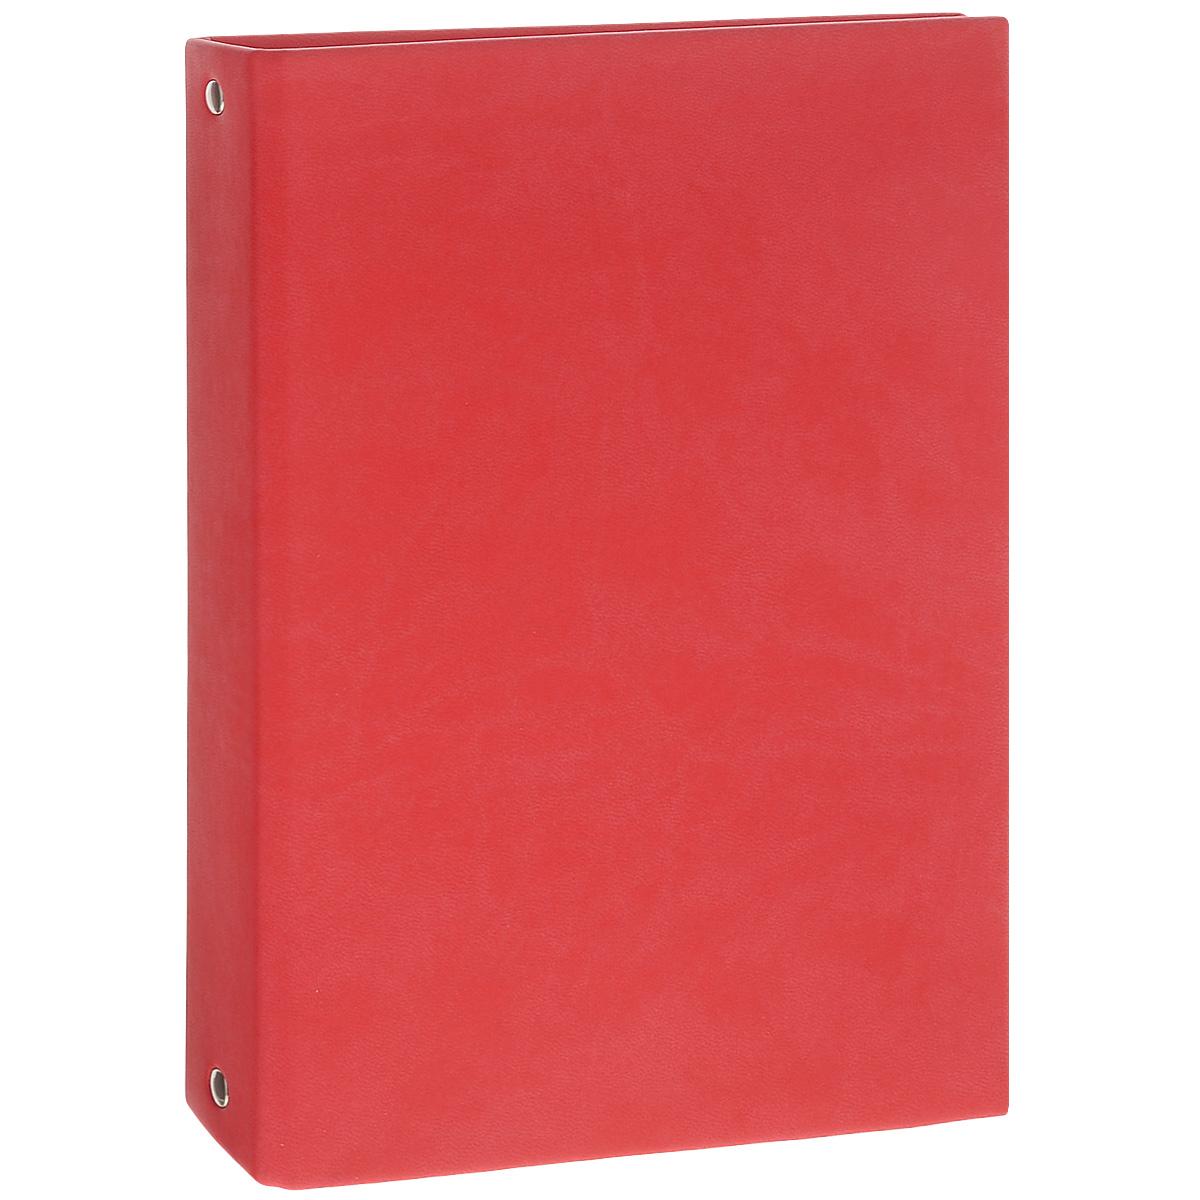 Тетрадь на кольцах Вивелла, цвет: розово-красный, 120 листов1134-309Тетрадь Вивелла отлично подойдет для хранения важных записей по учебе, работе или для повседневных заметок. Обложка тетради выполнена из плотного картона, обтянутого искусственной кожей розово-красного цвета. Внутренний блок состоит из 120 листов качественной белой бумаги со стандартной линовкой голубого цвета в клетку без полей. Листы в блоке крепятся на четырех металлических кольцах.